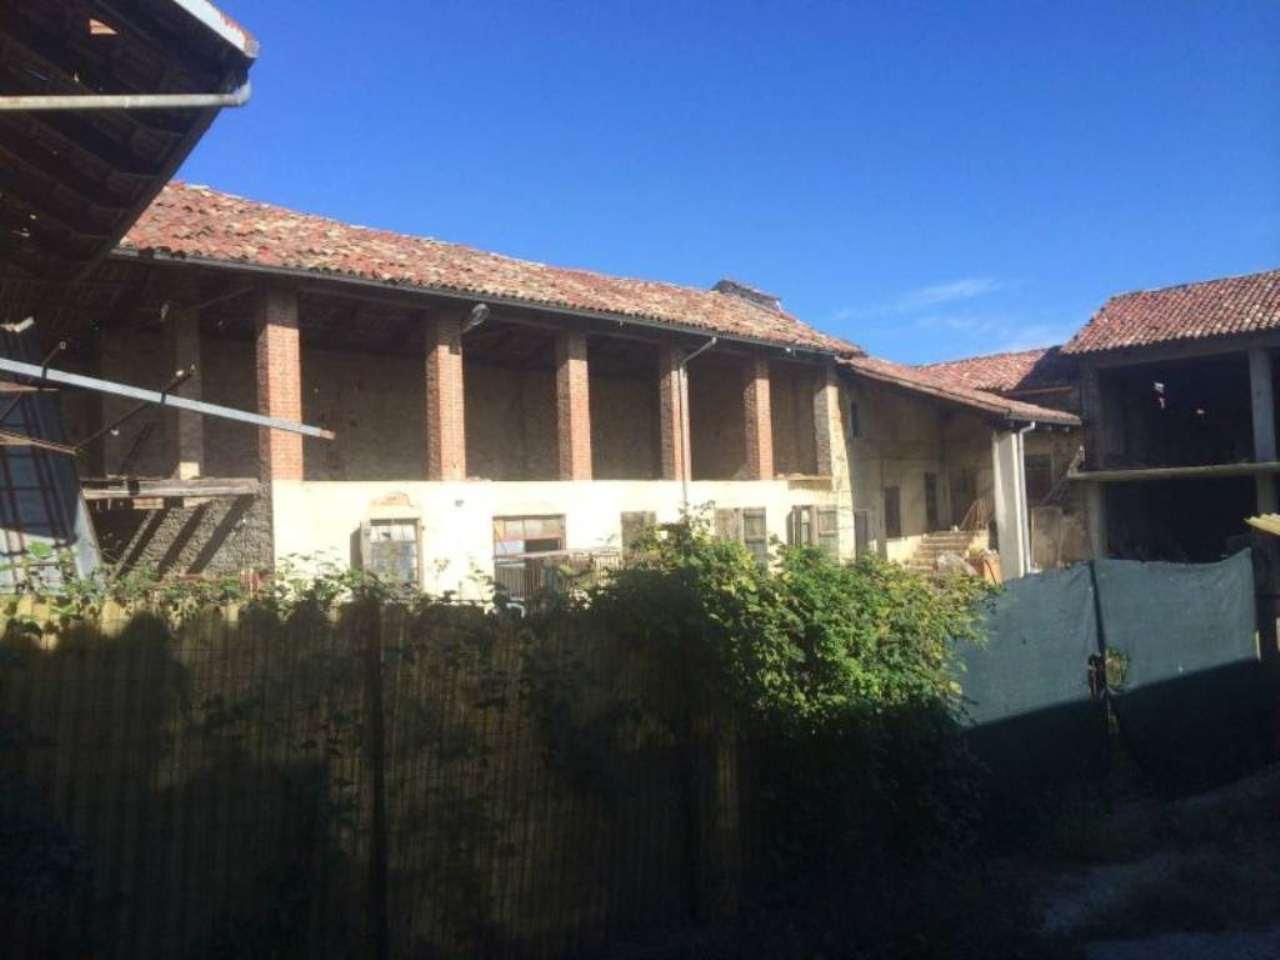 Terreno Agricolo in vendita a Cocconato, 10 locali, prezzo € 440.000 | Cambio Casa.it